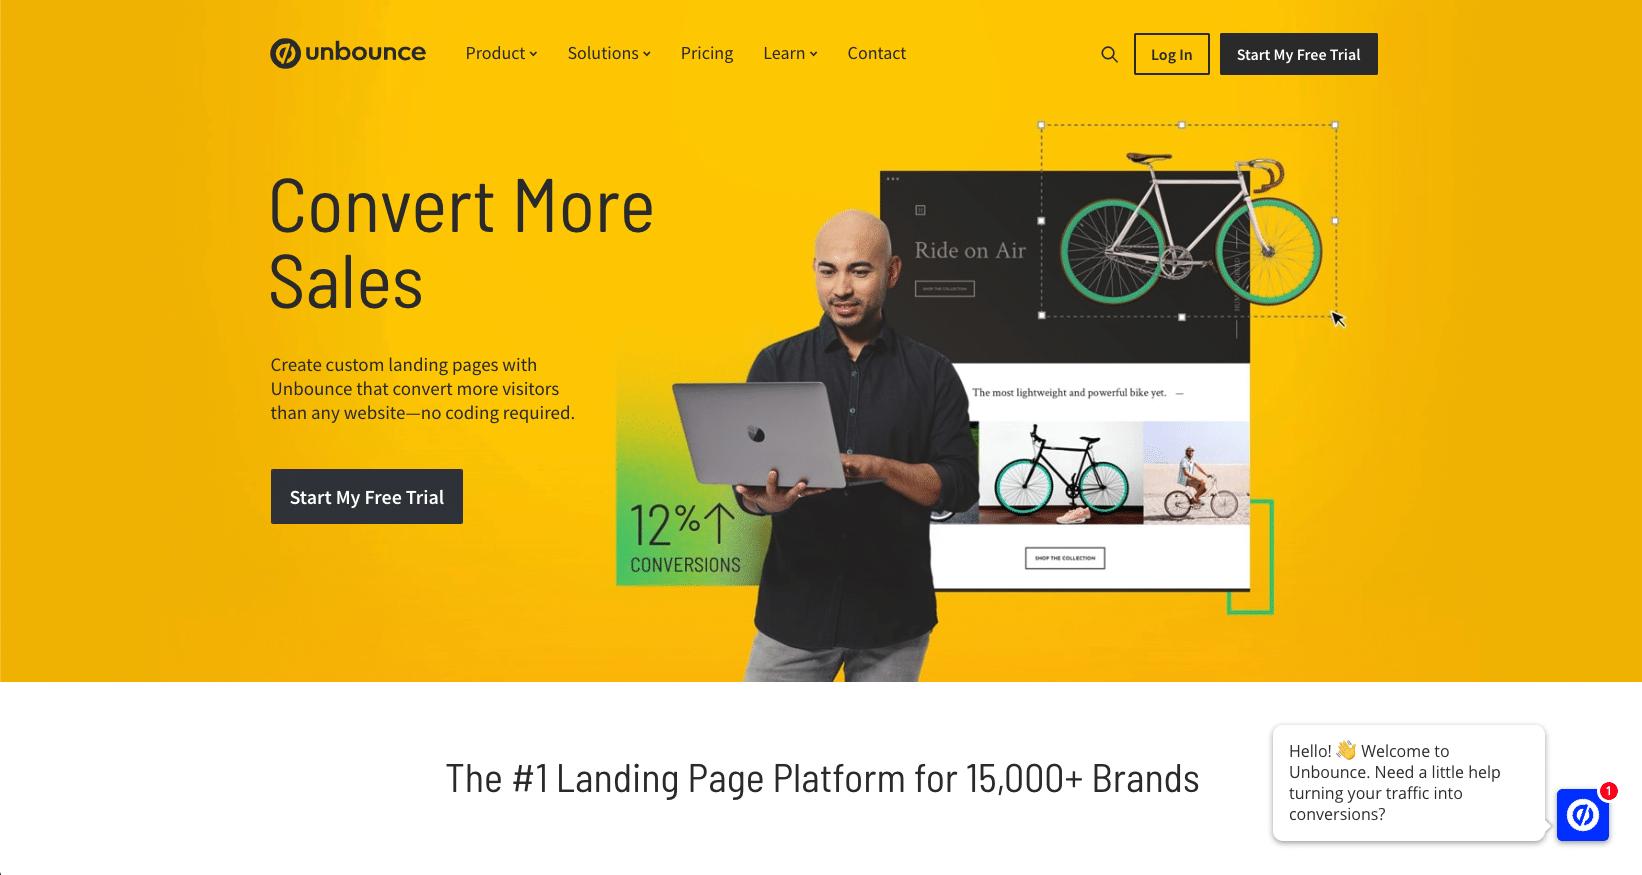 The Landing Page Builder & Platform